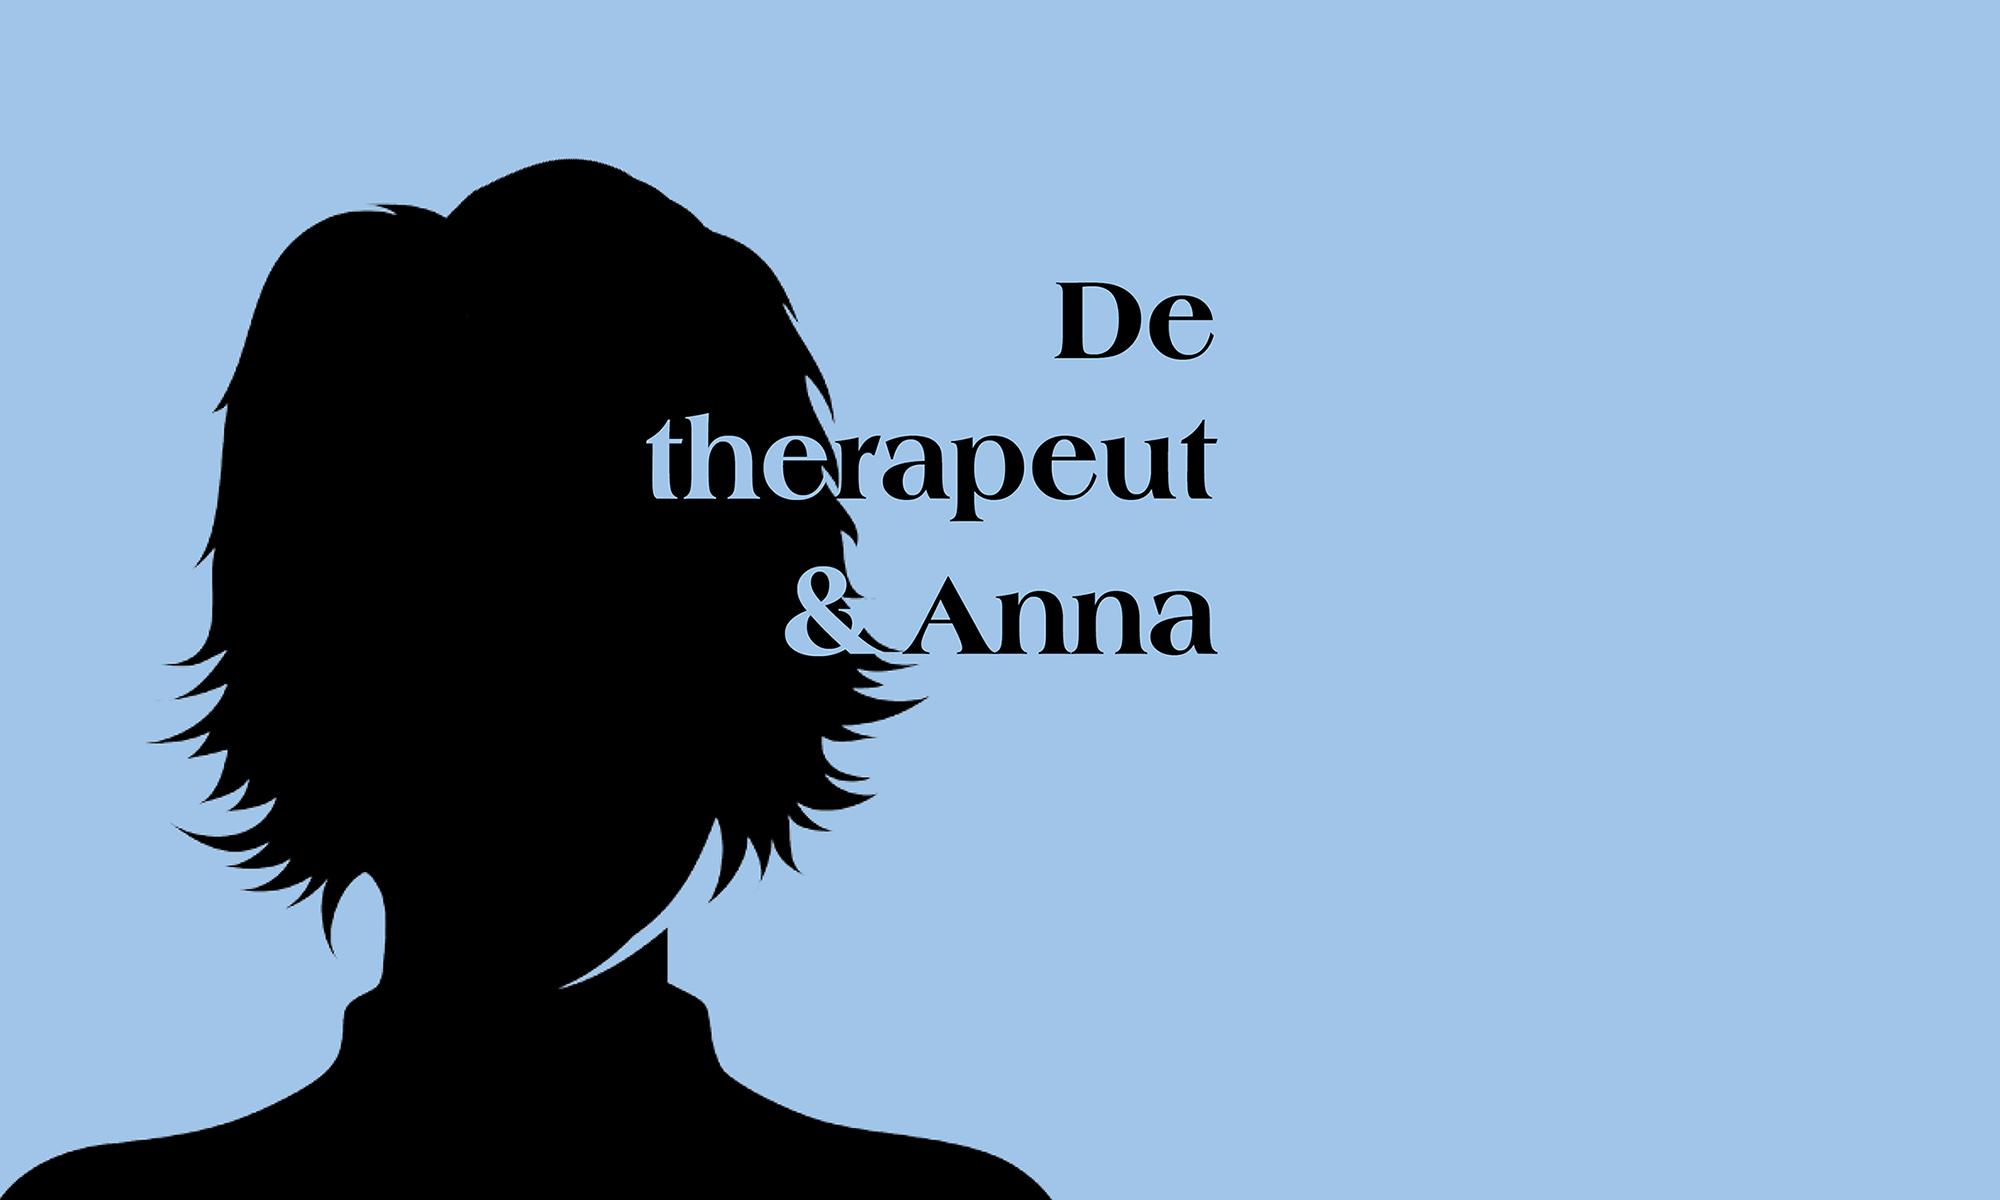 De therapeut & Anna